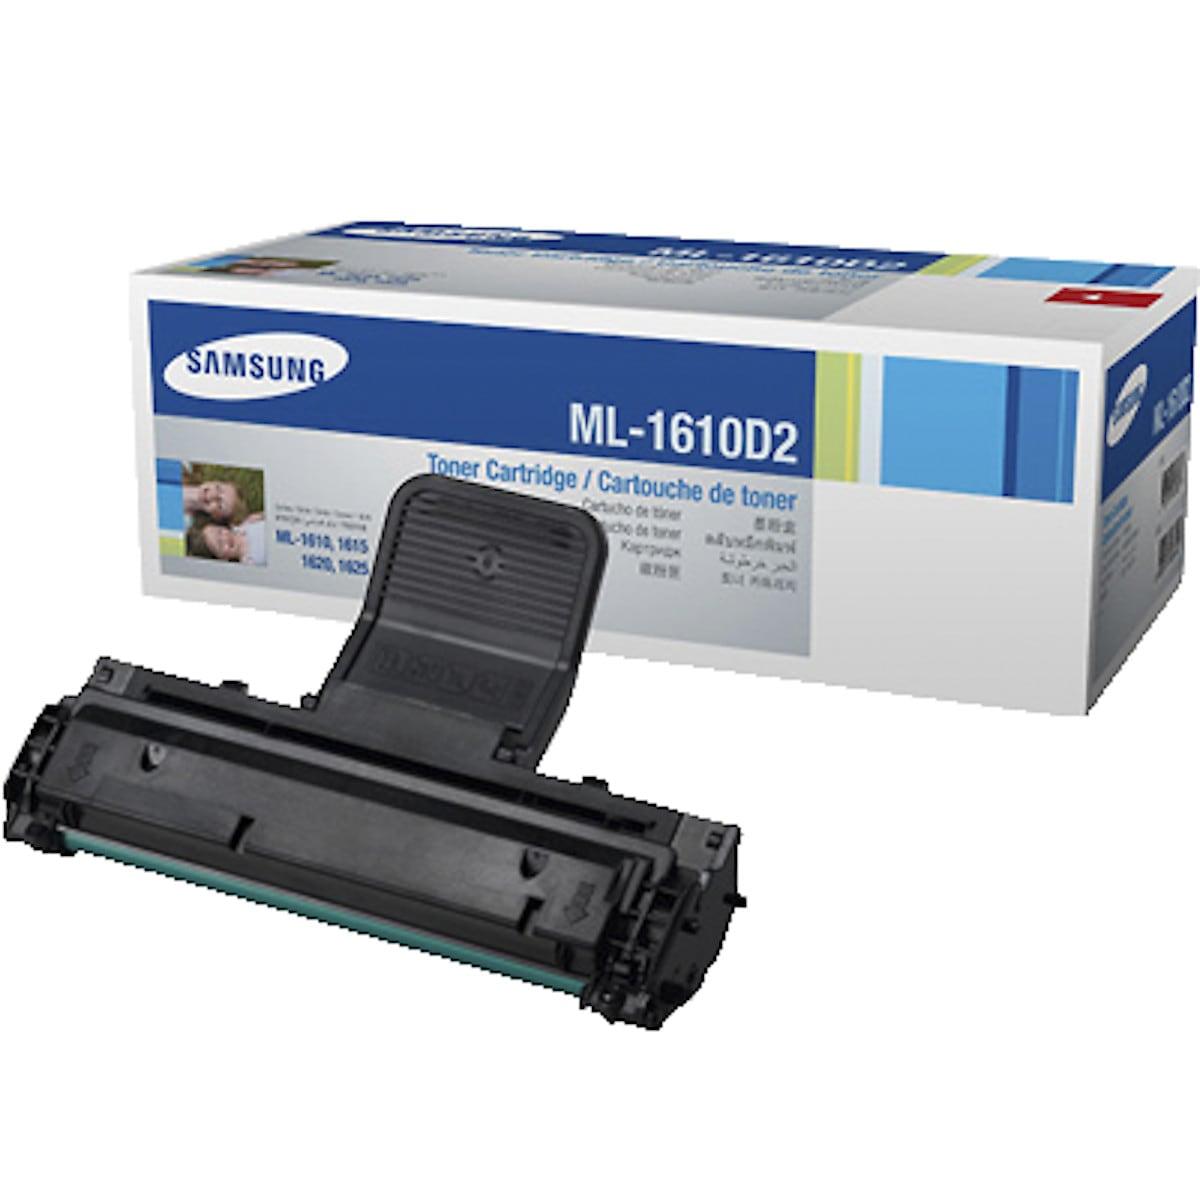 Laservärikasetit lasertulostimiin Samsung ML-1610D2